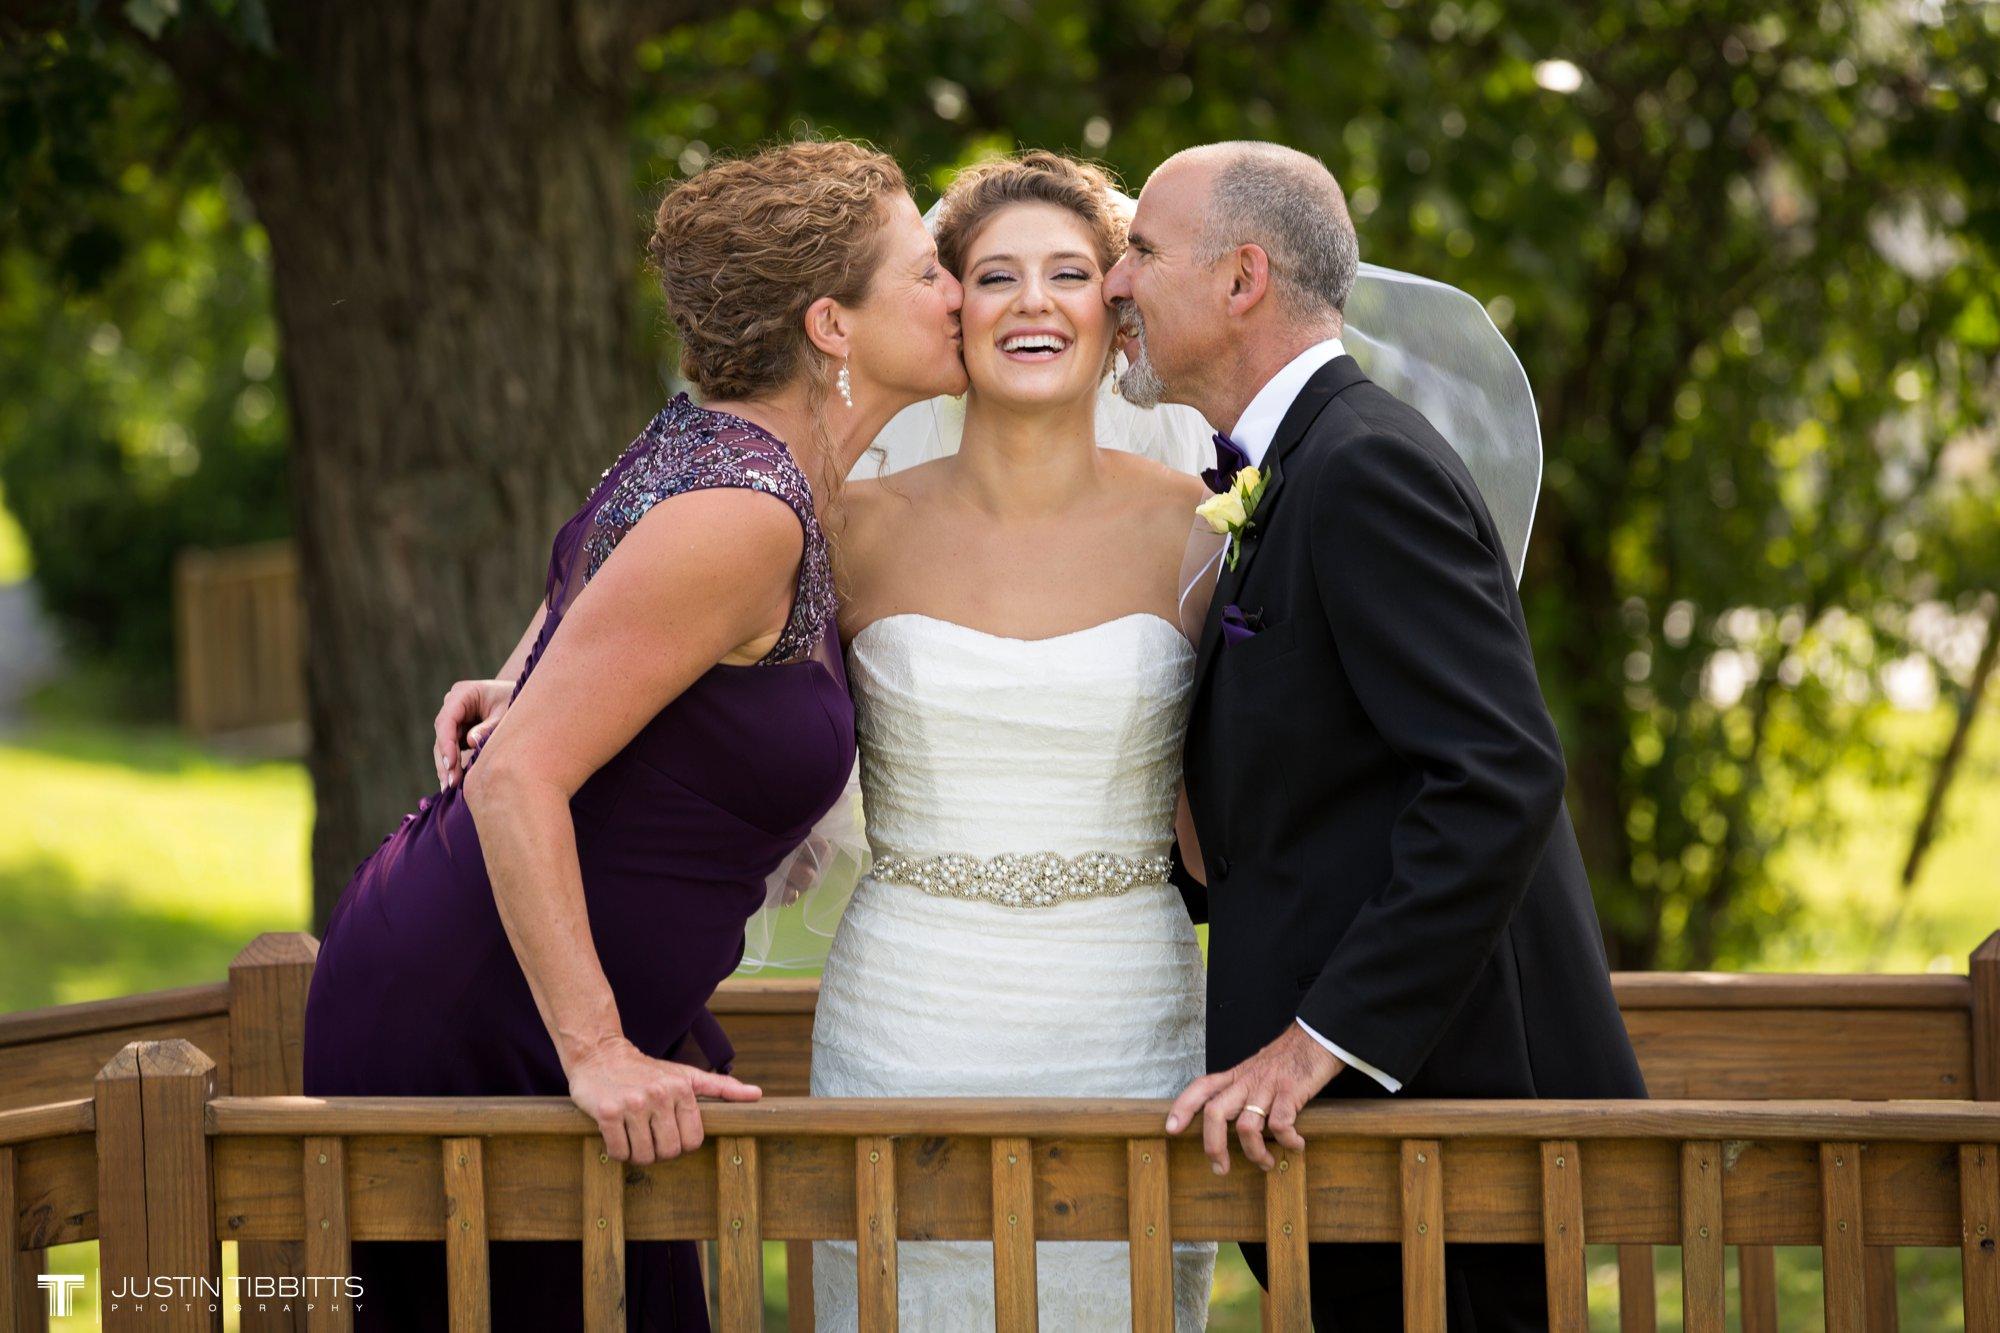 Albany NY Wedding Photographer Justin Tibbitts Photography 2014 Best of Albany NY Weddings-24713241